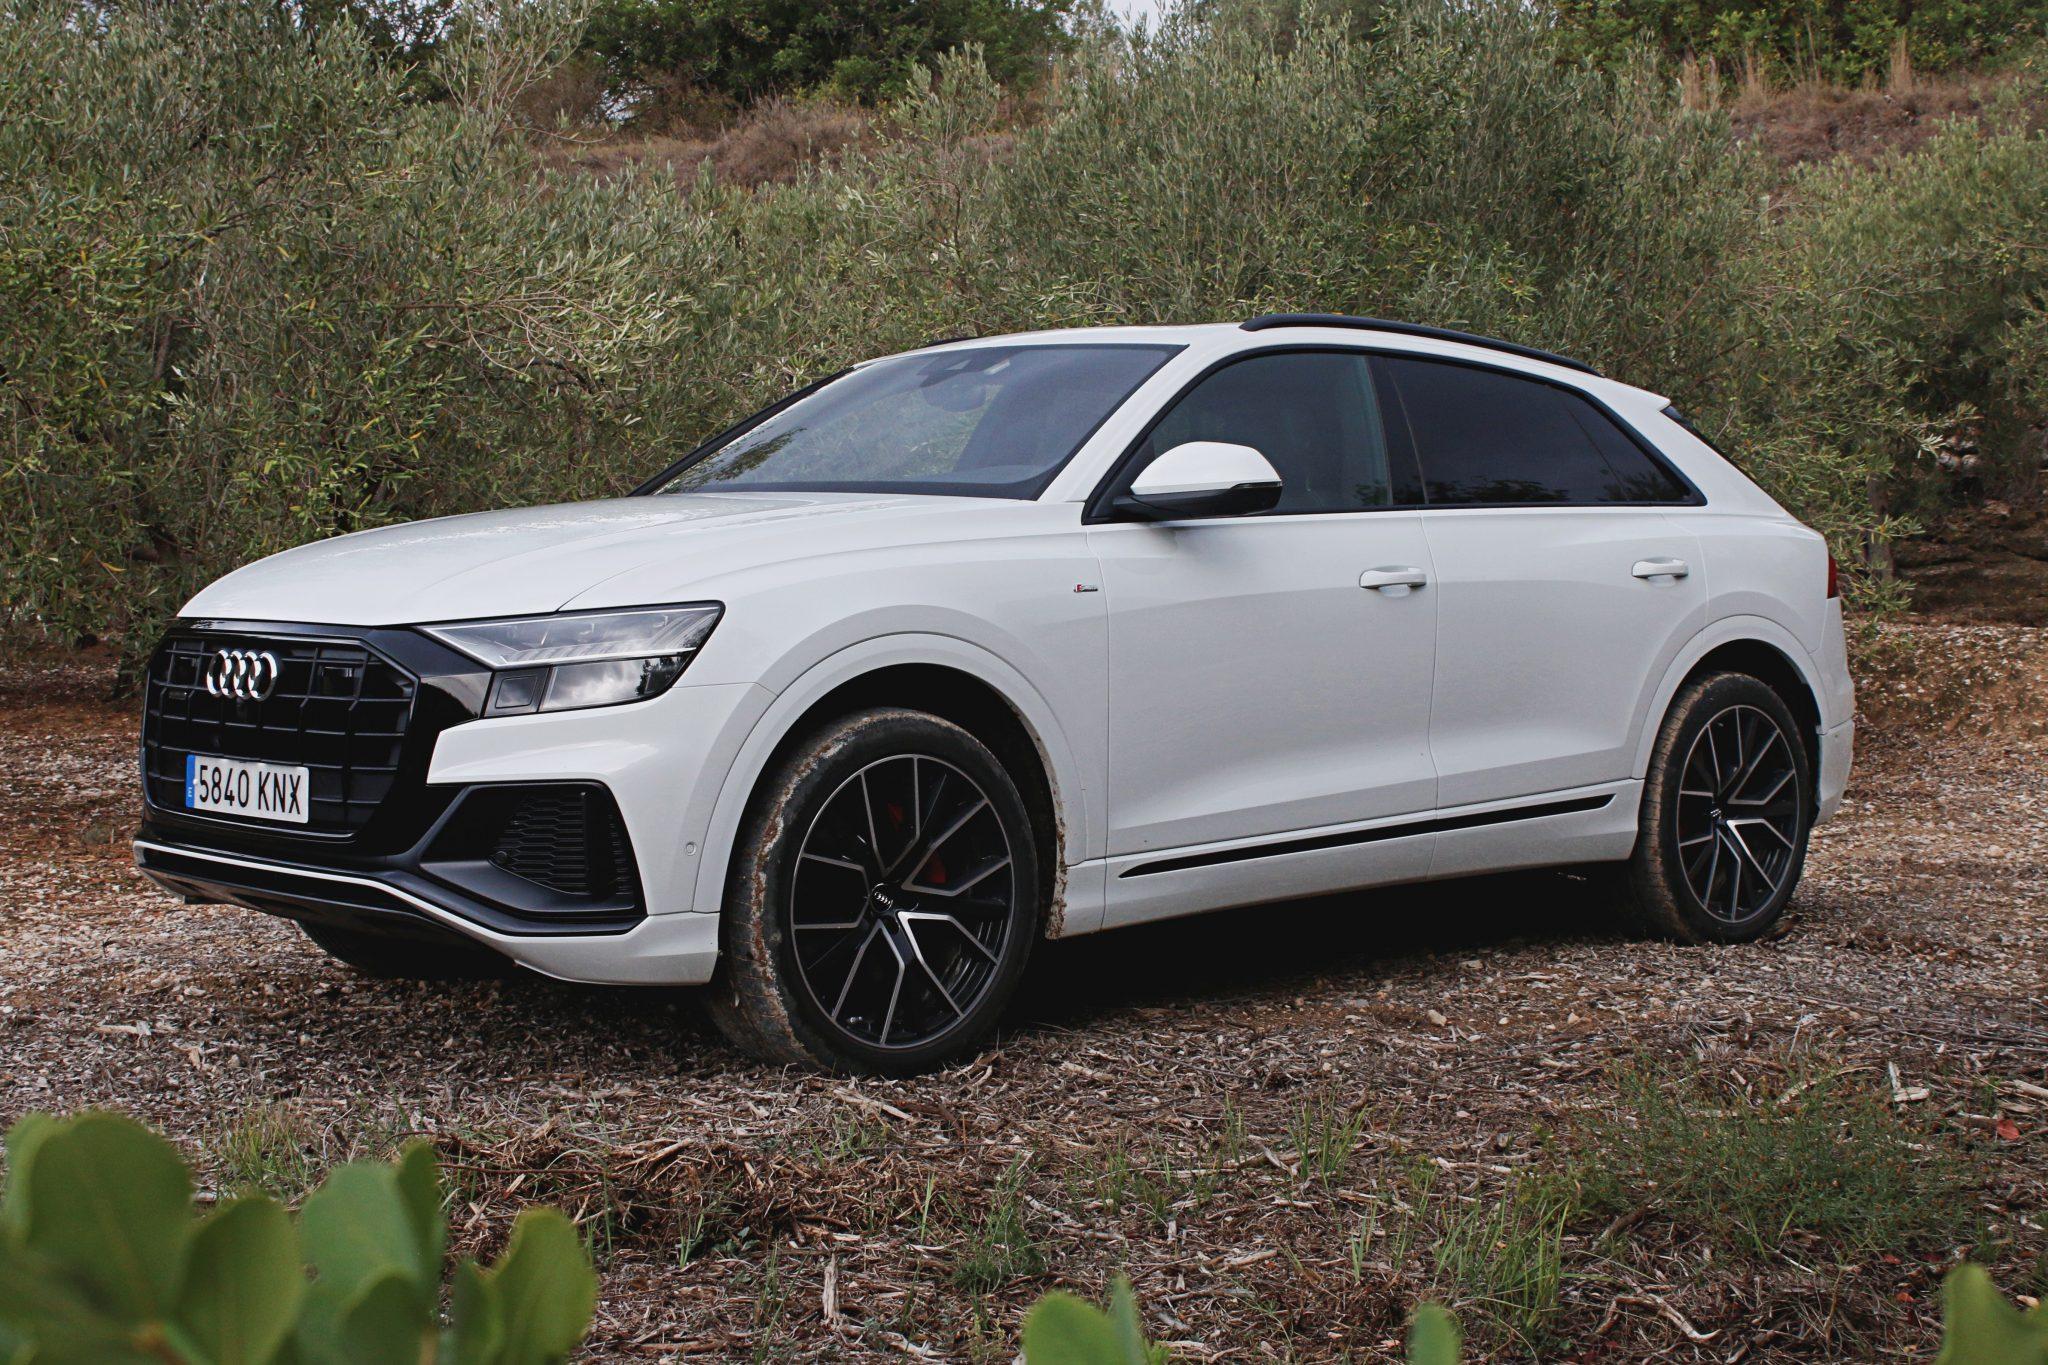 Audi Q8 La Revolución Del Suv Coupé Luxury News Motor